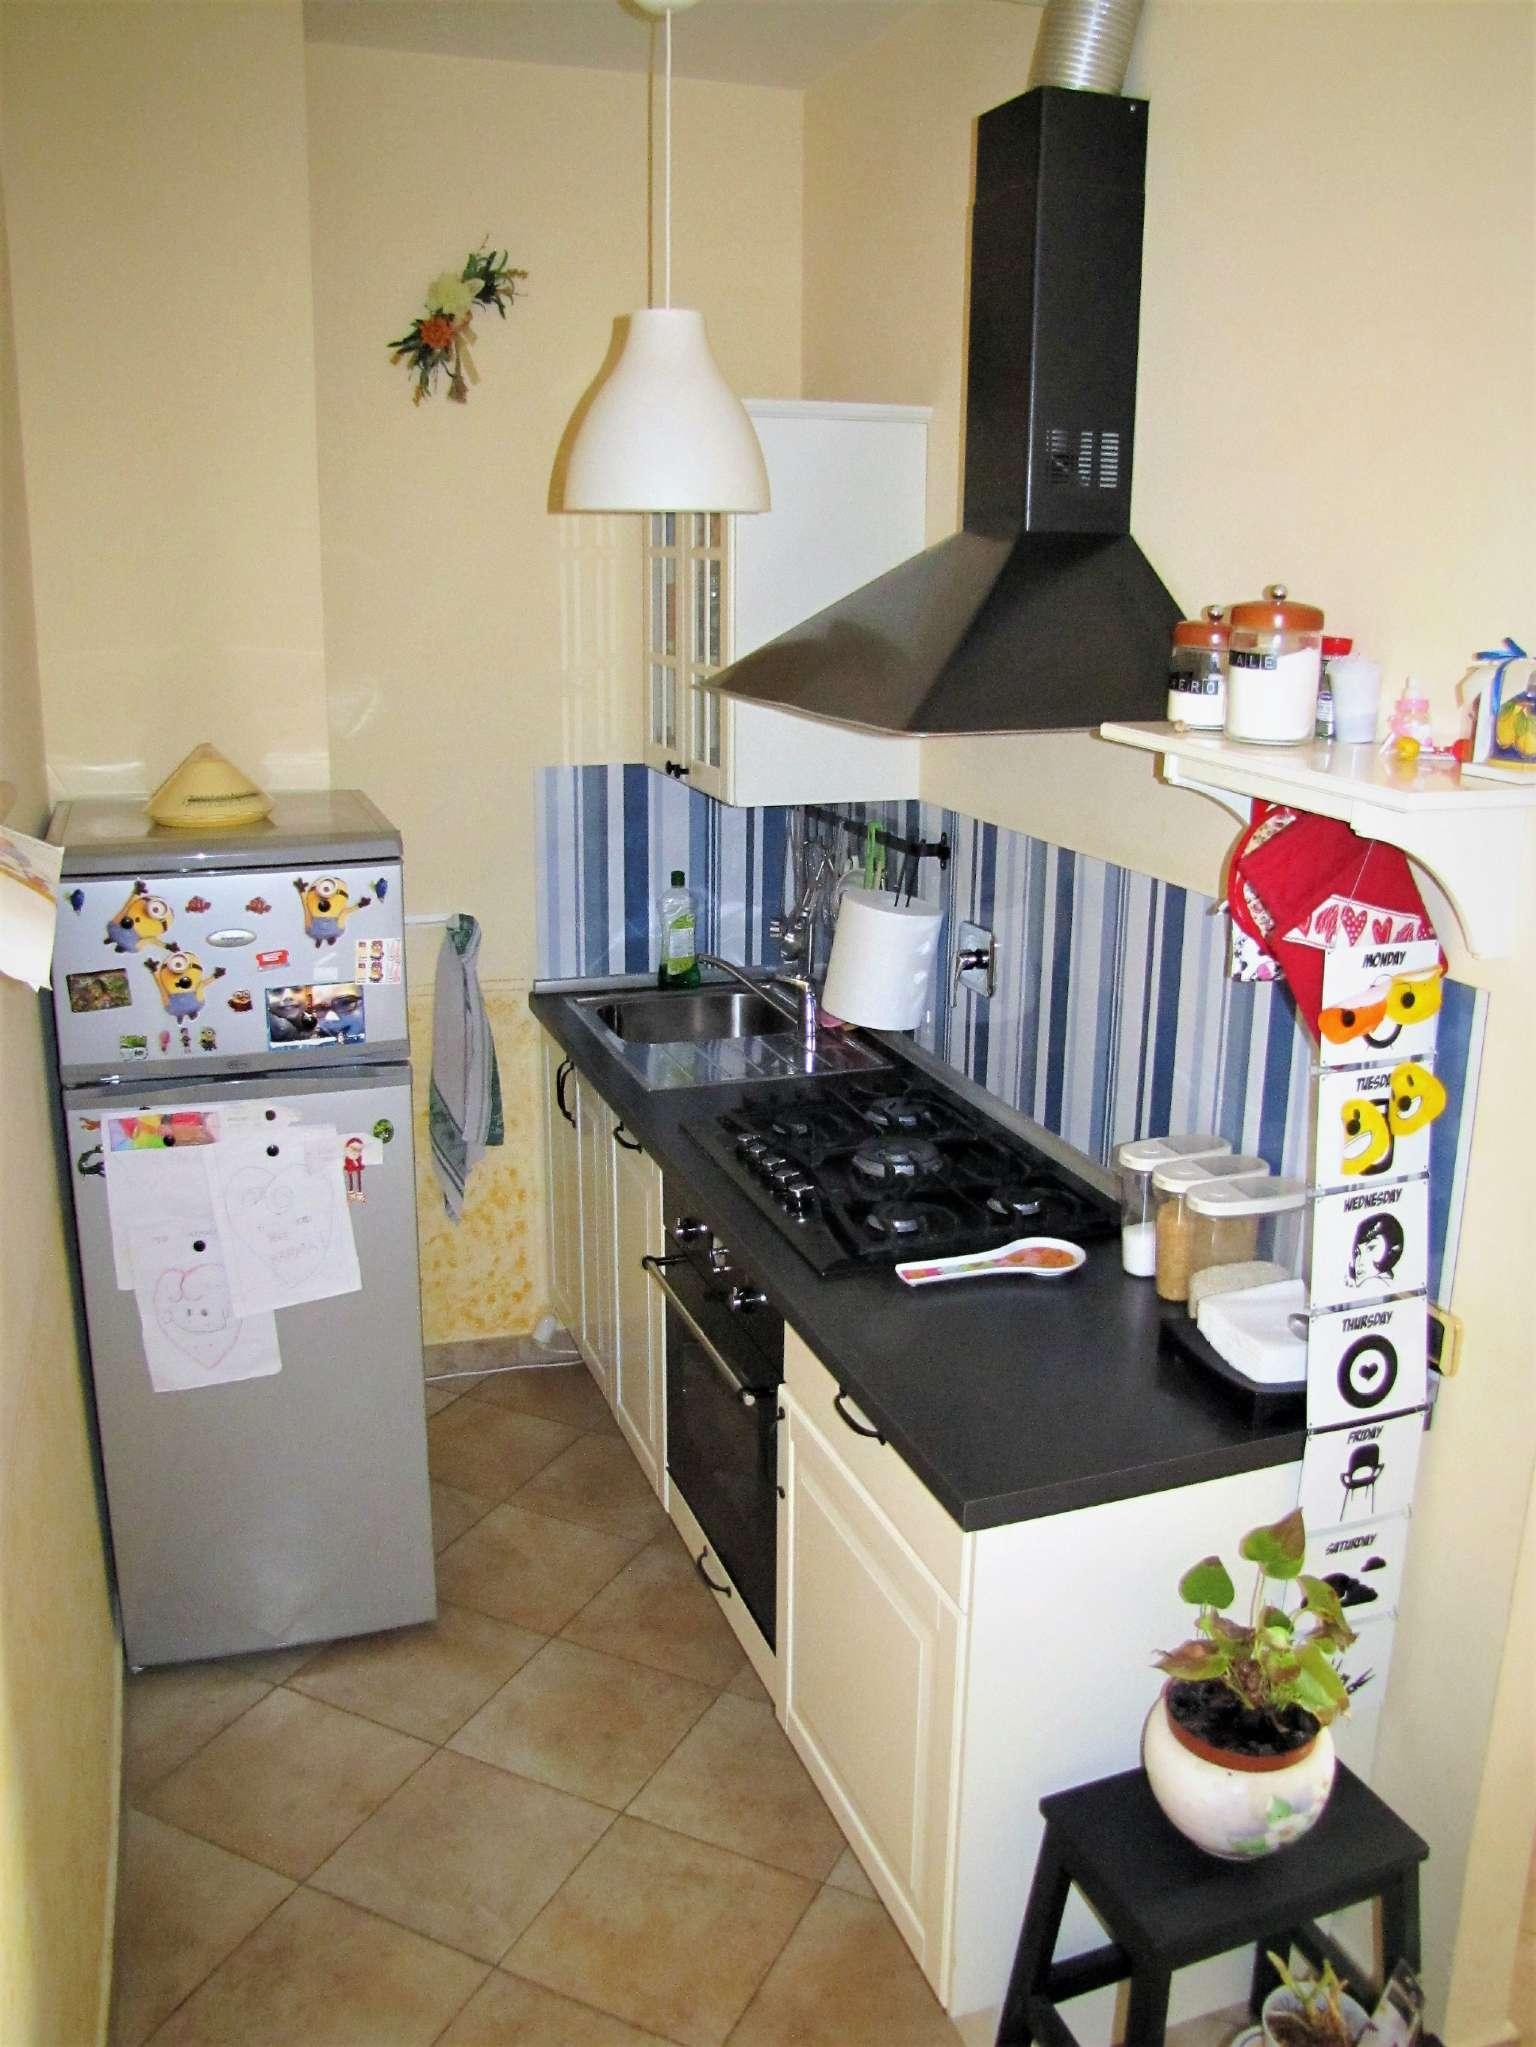 Foto 8 di Villa a Schiera via MITTA 6, Roma (zona Finocchio - Torre Gaia - Tor Vergata)